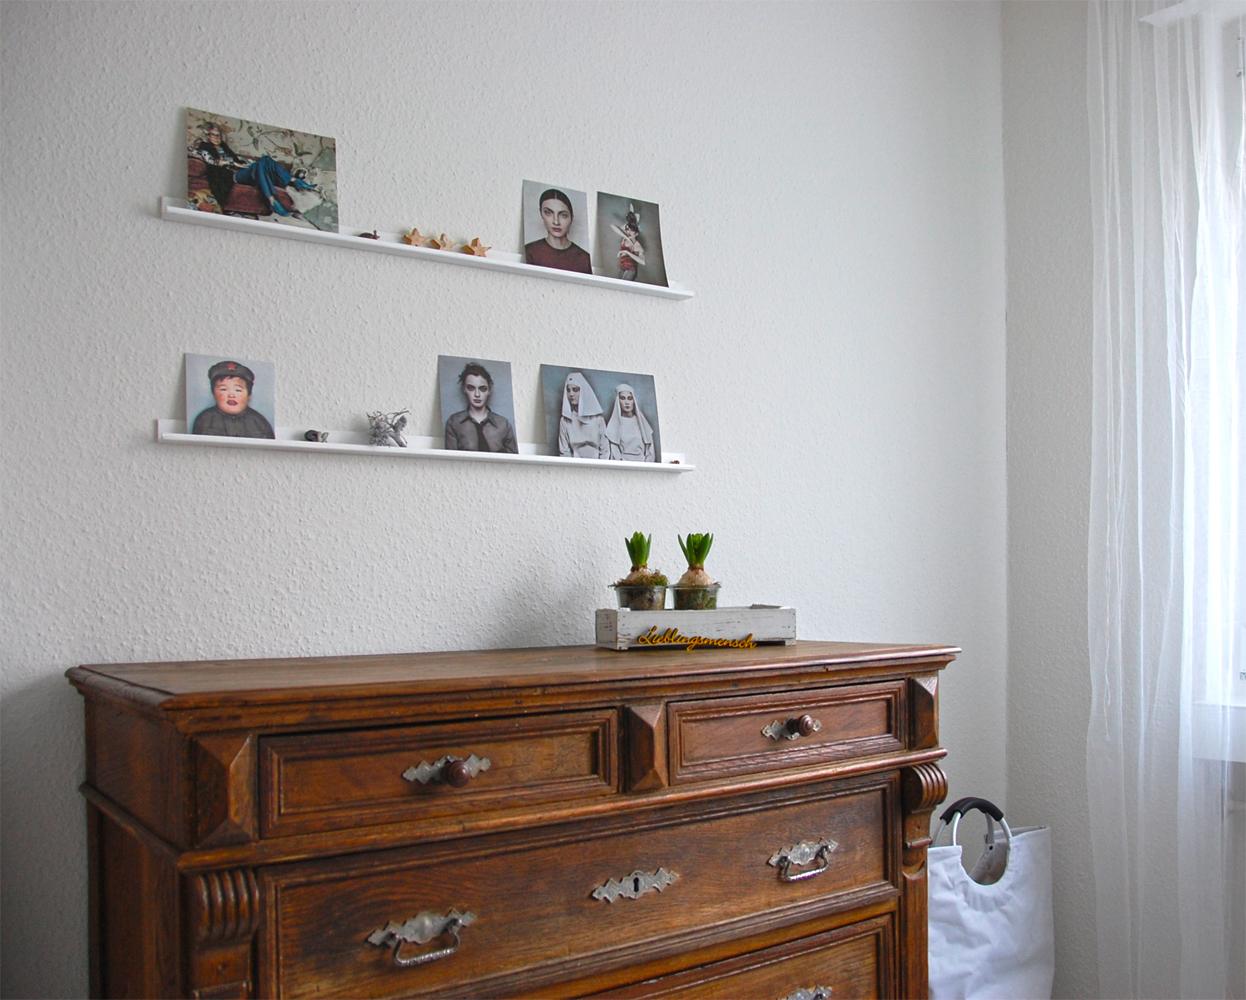 Ikea Deckenlampe Schlafzimmer Die Neuen K U00e4figlampen Habe Ich An Wohnzimmer